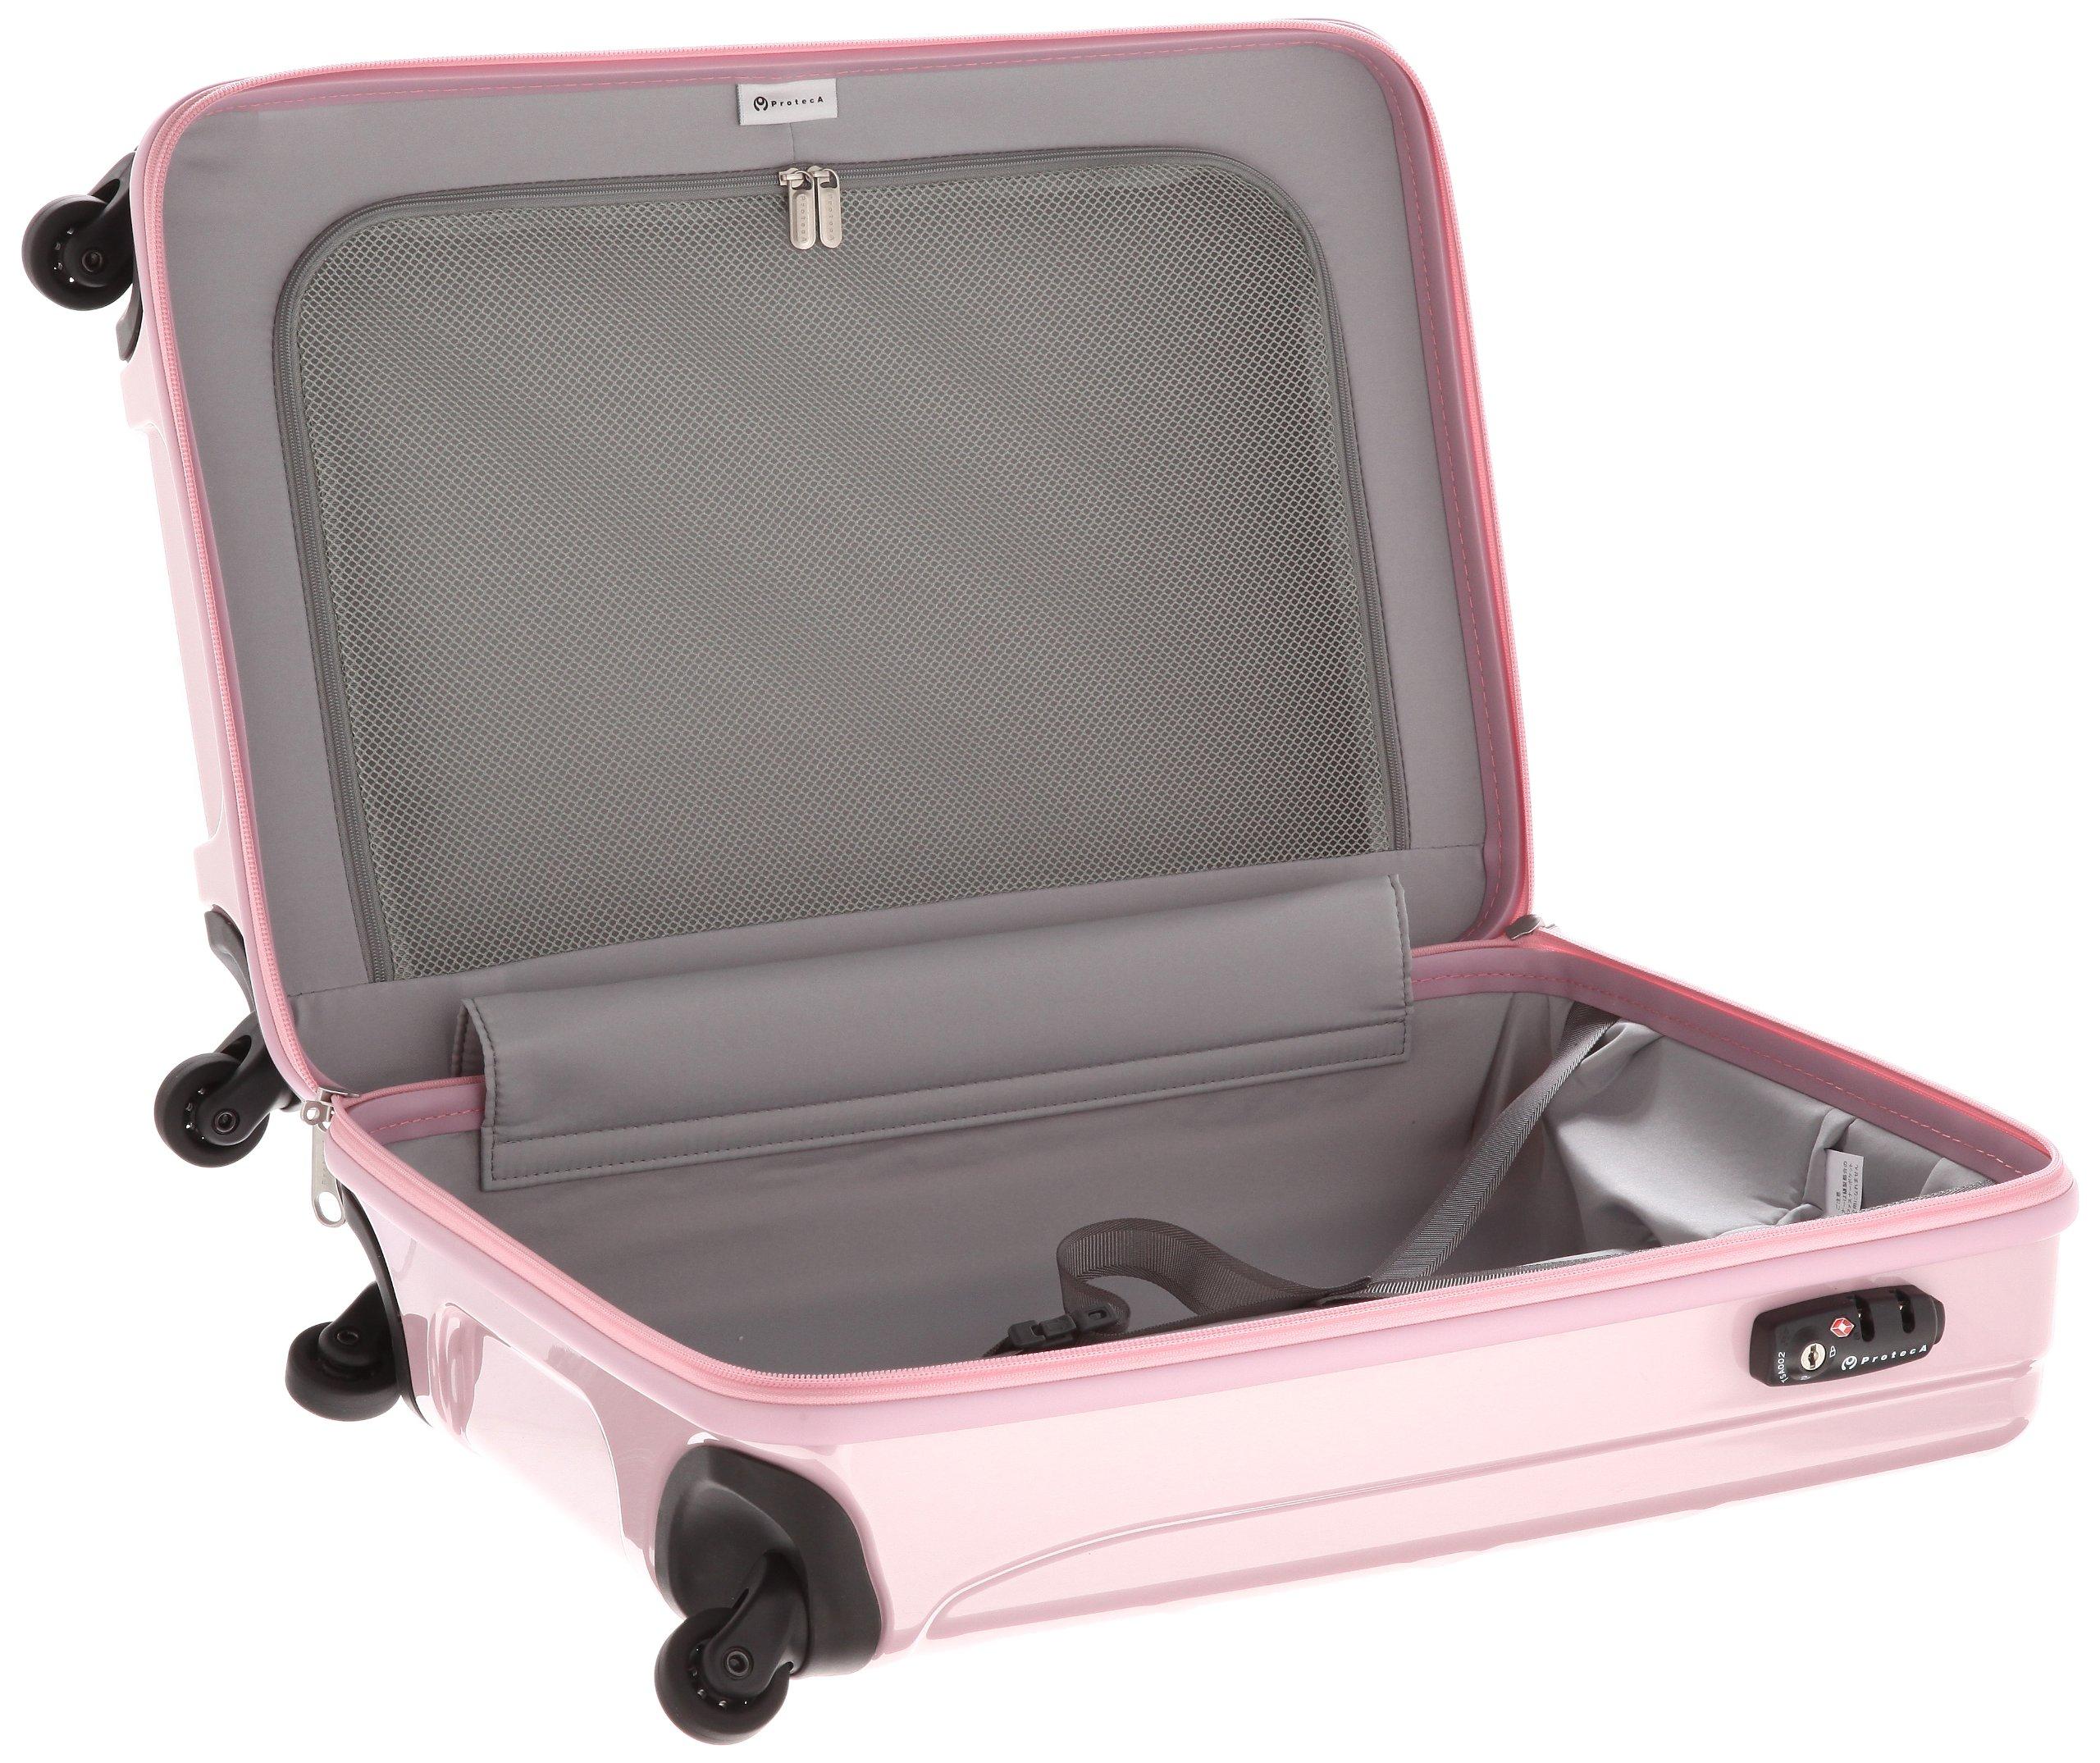 拉杆箱 旅行箱 箱包 行李箱 2560_2149